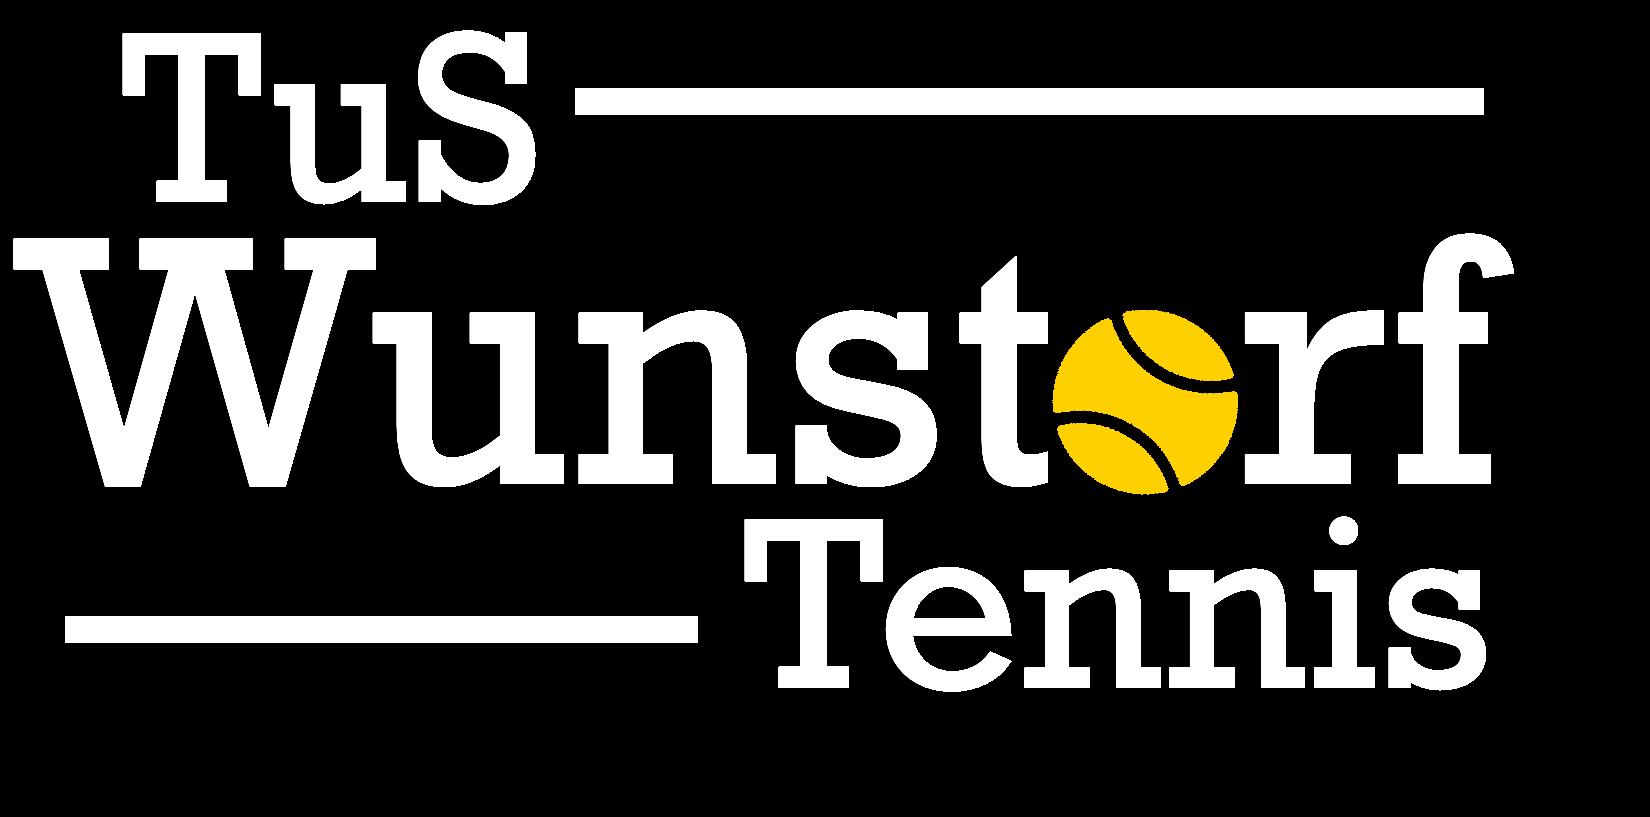 TuS Wunstorf Tennisabteilung